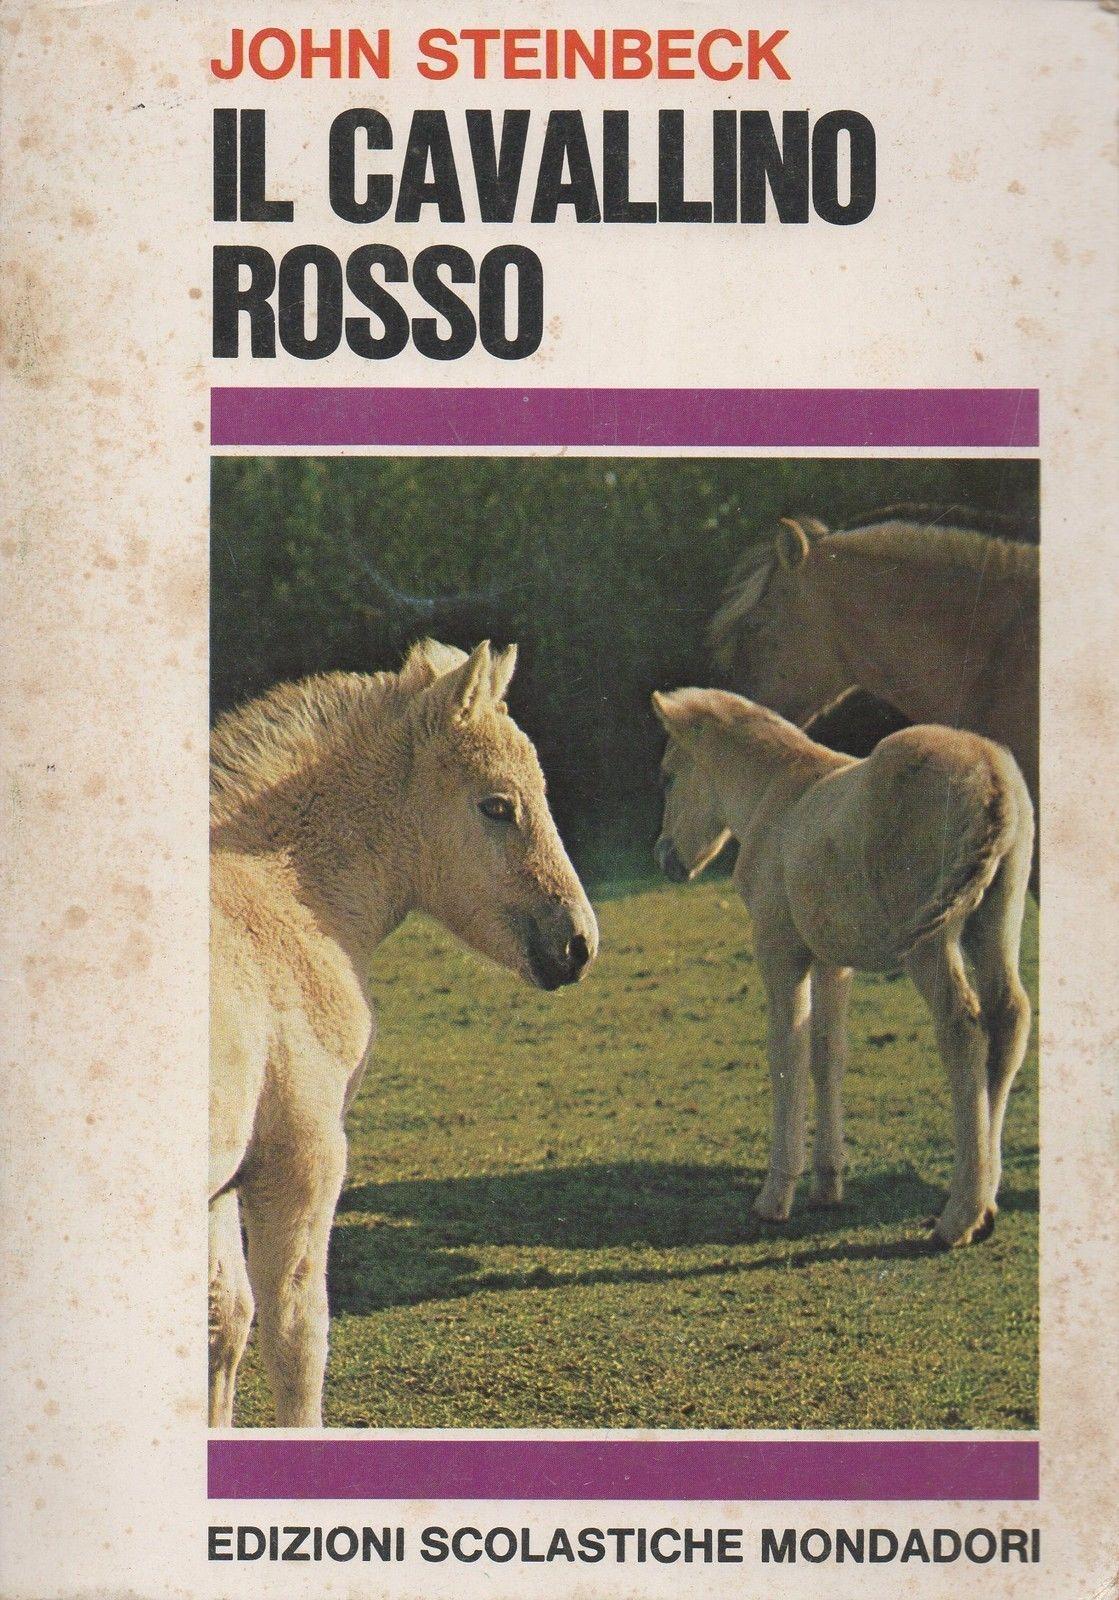 Il cavallino rosso